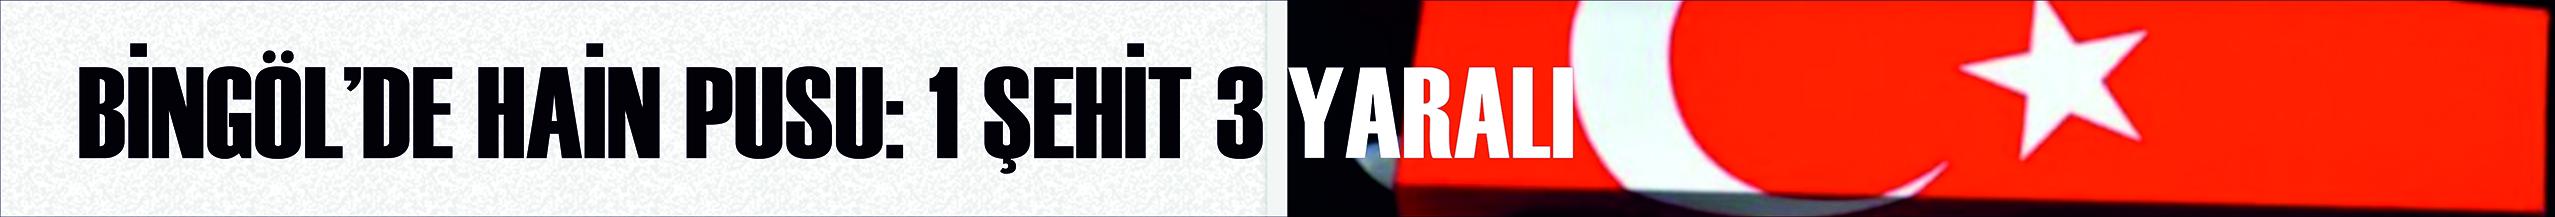 BİNGÖL'DE HAİN PUSU: 1 ŞEHİT 3 YARALI